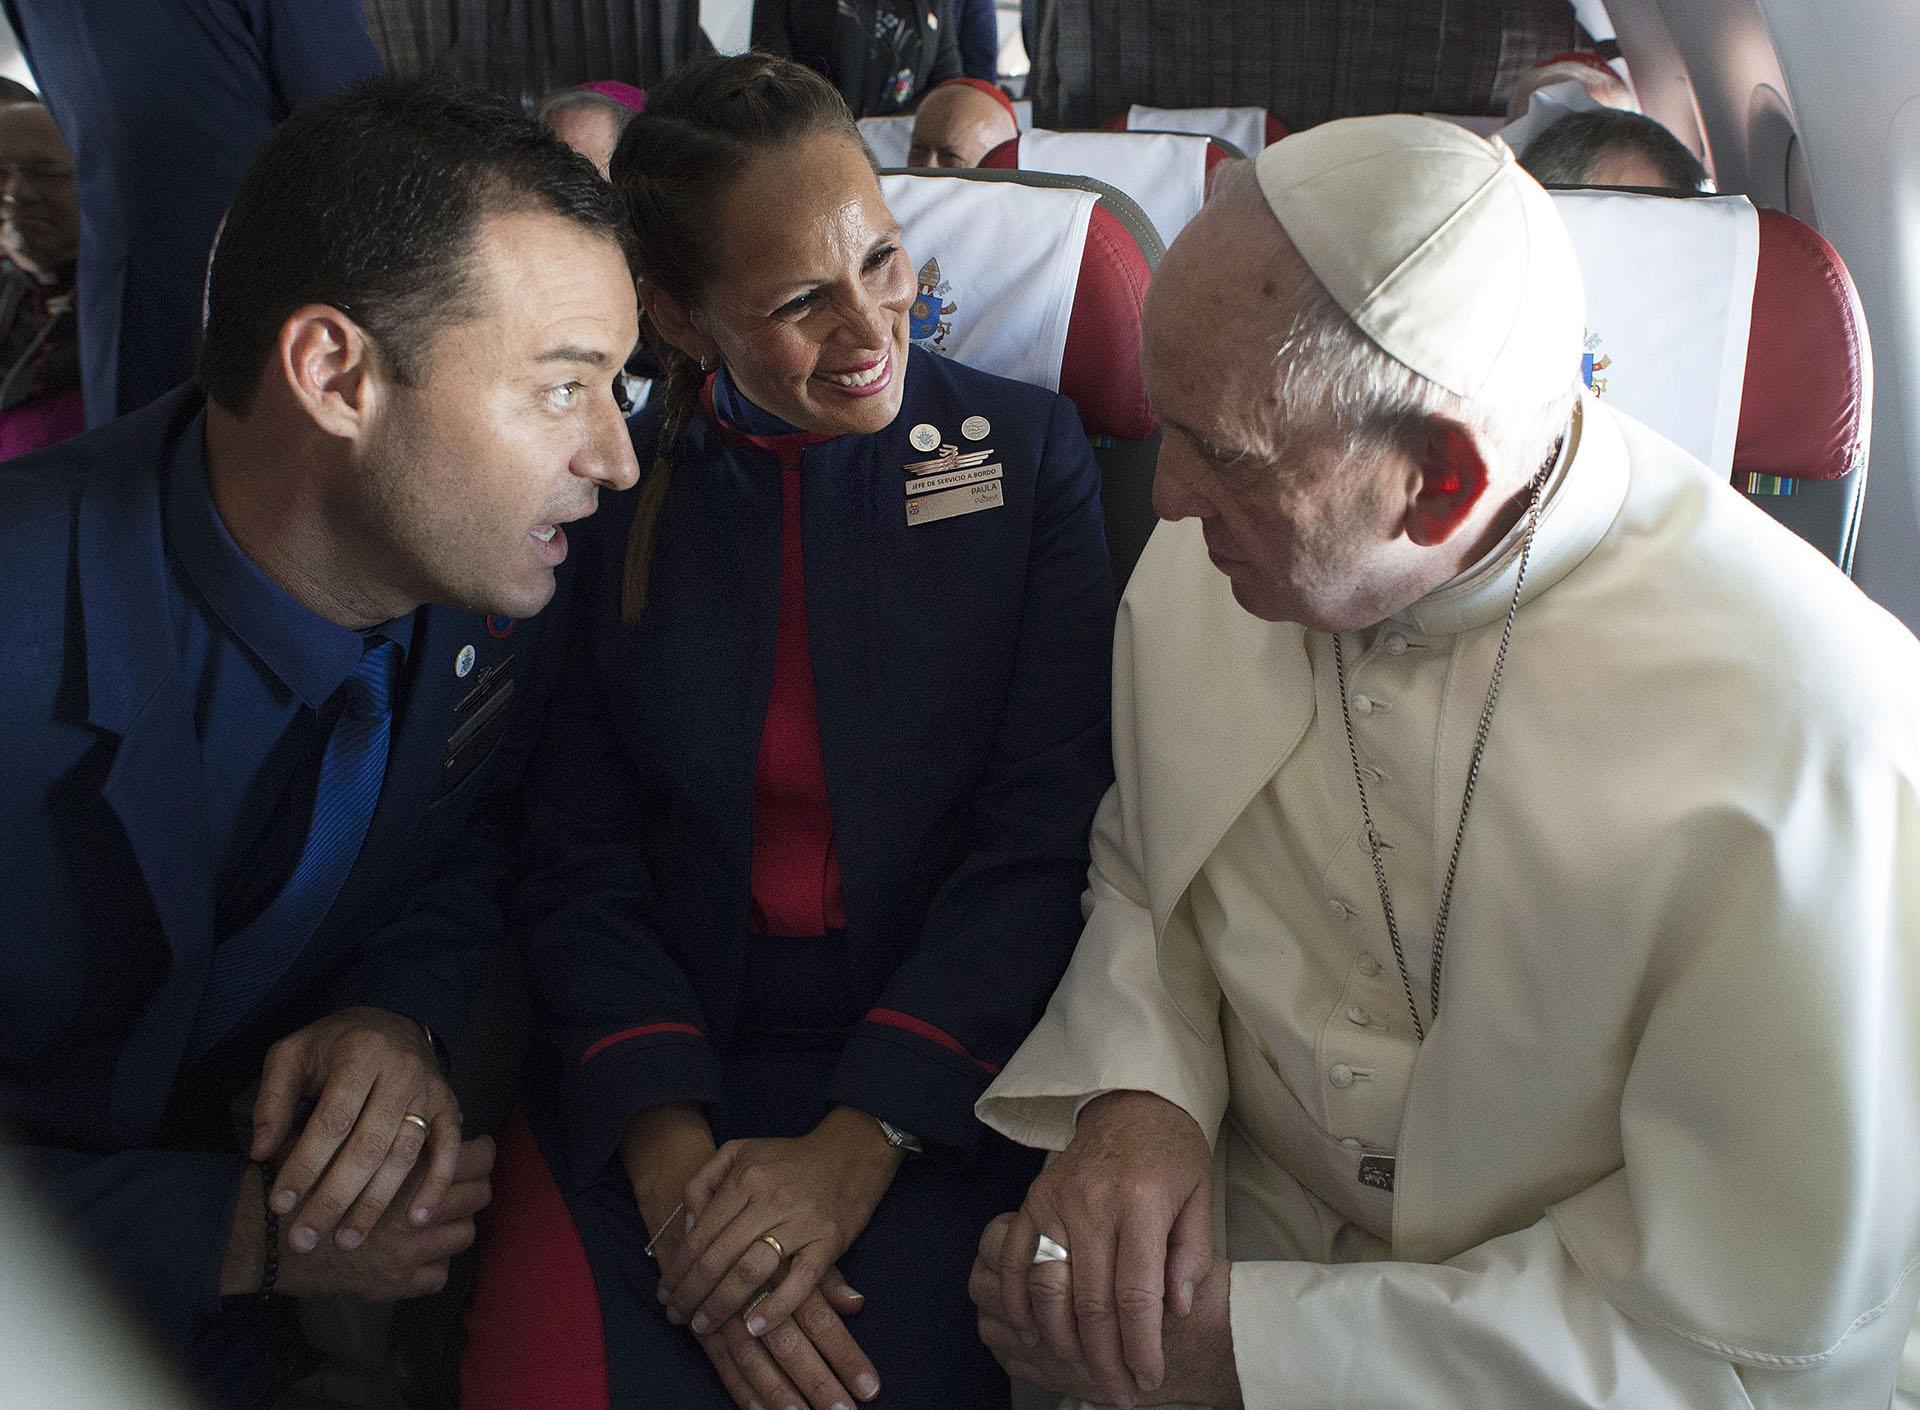 18 de enero de 2018: el papa Francisco casó a dos tripulantes de cabina en pleno vuelo hacia Iquique. Paula Podest y Carlos Ciuffardi se convirtieron en los primeros en ser unidos por el Sumo Pontífice a bordo de un avión